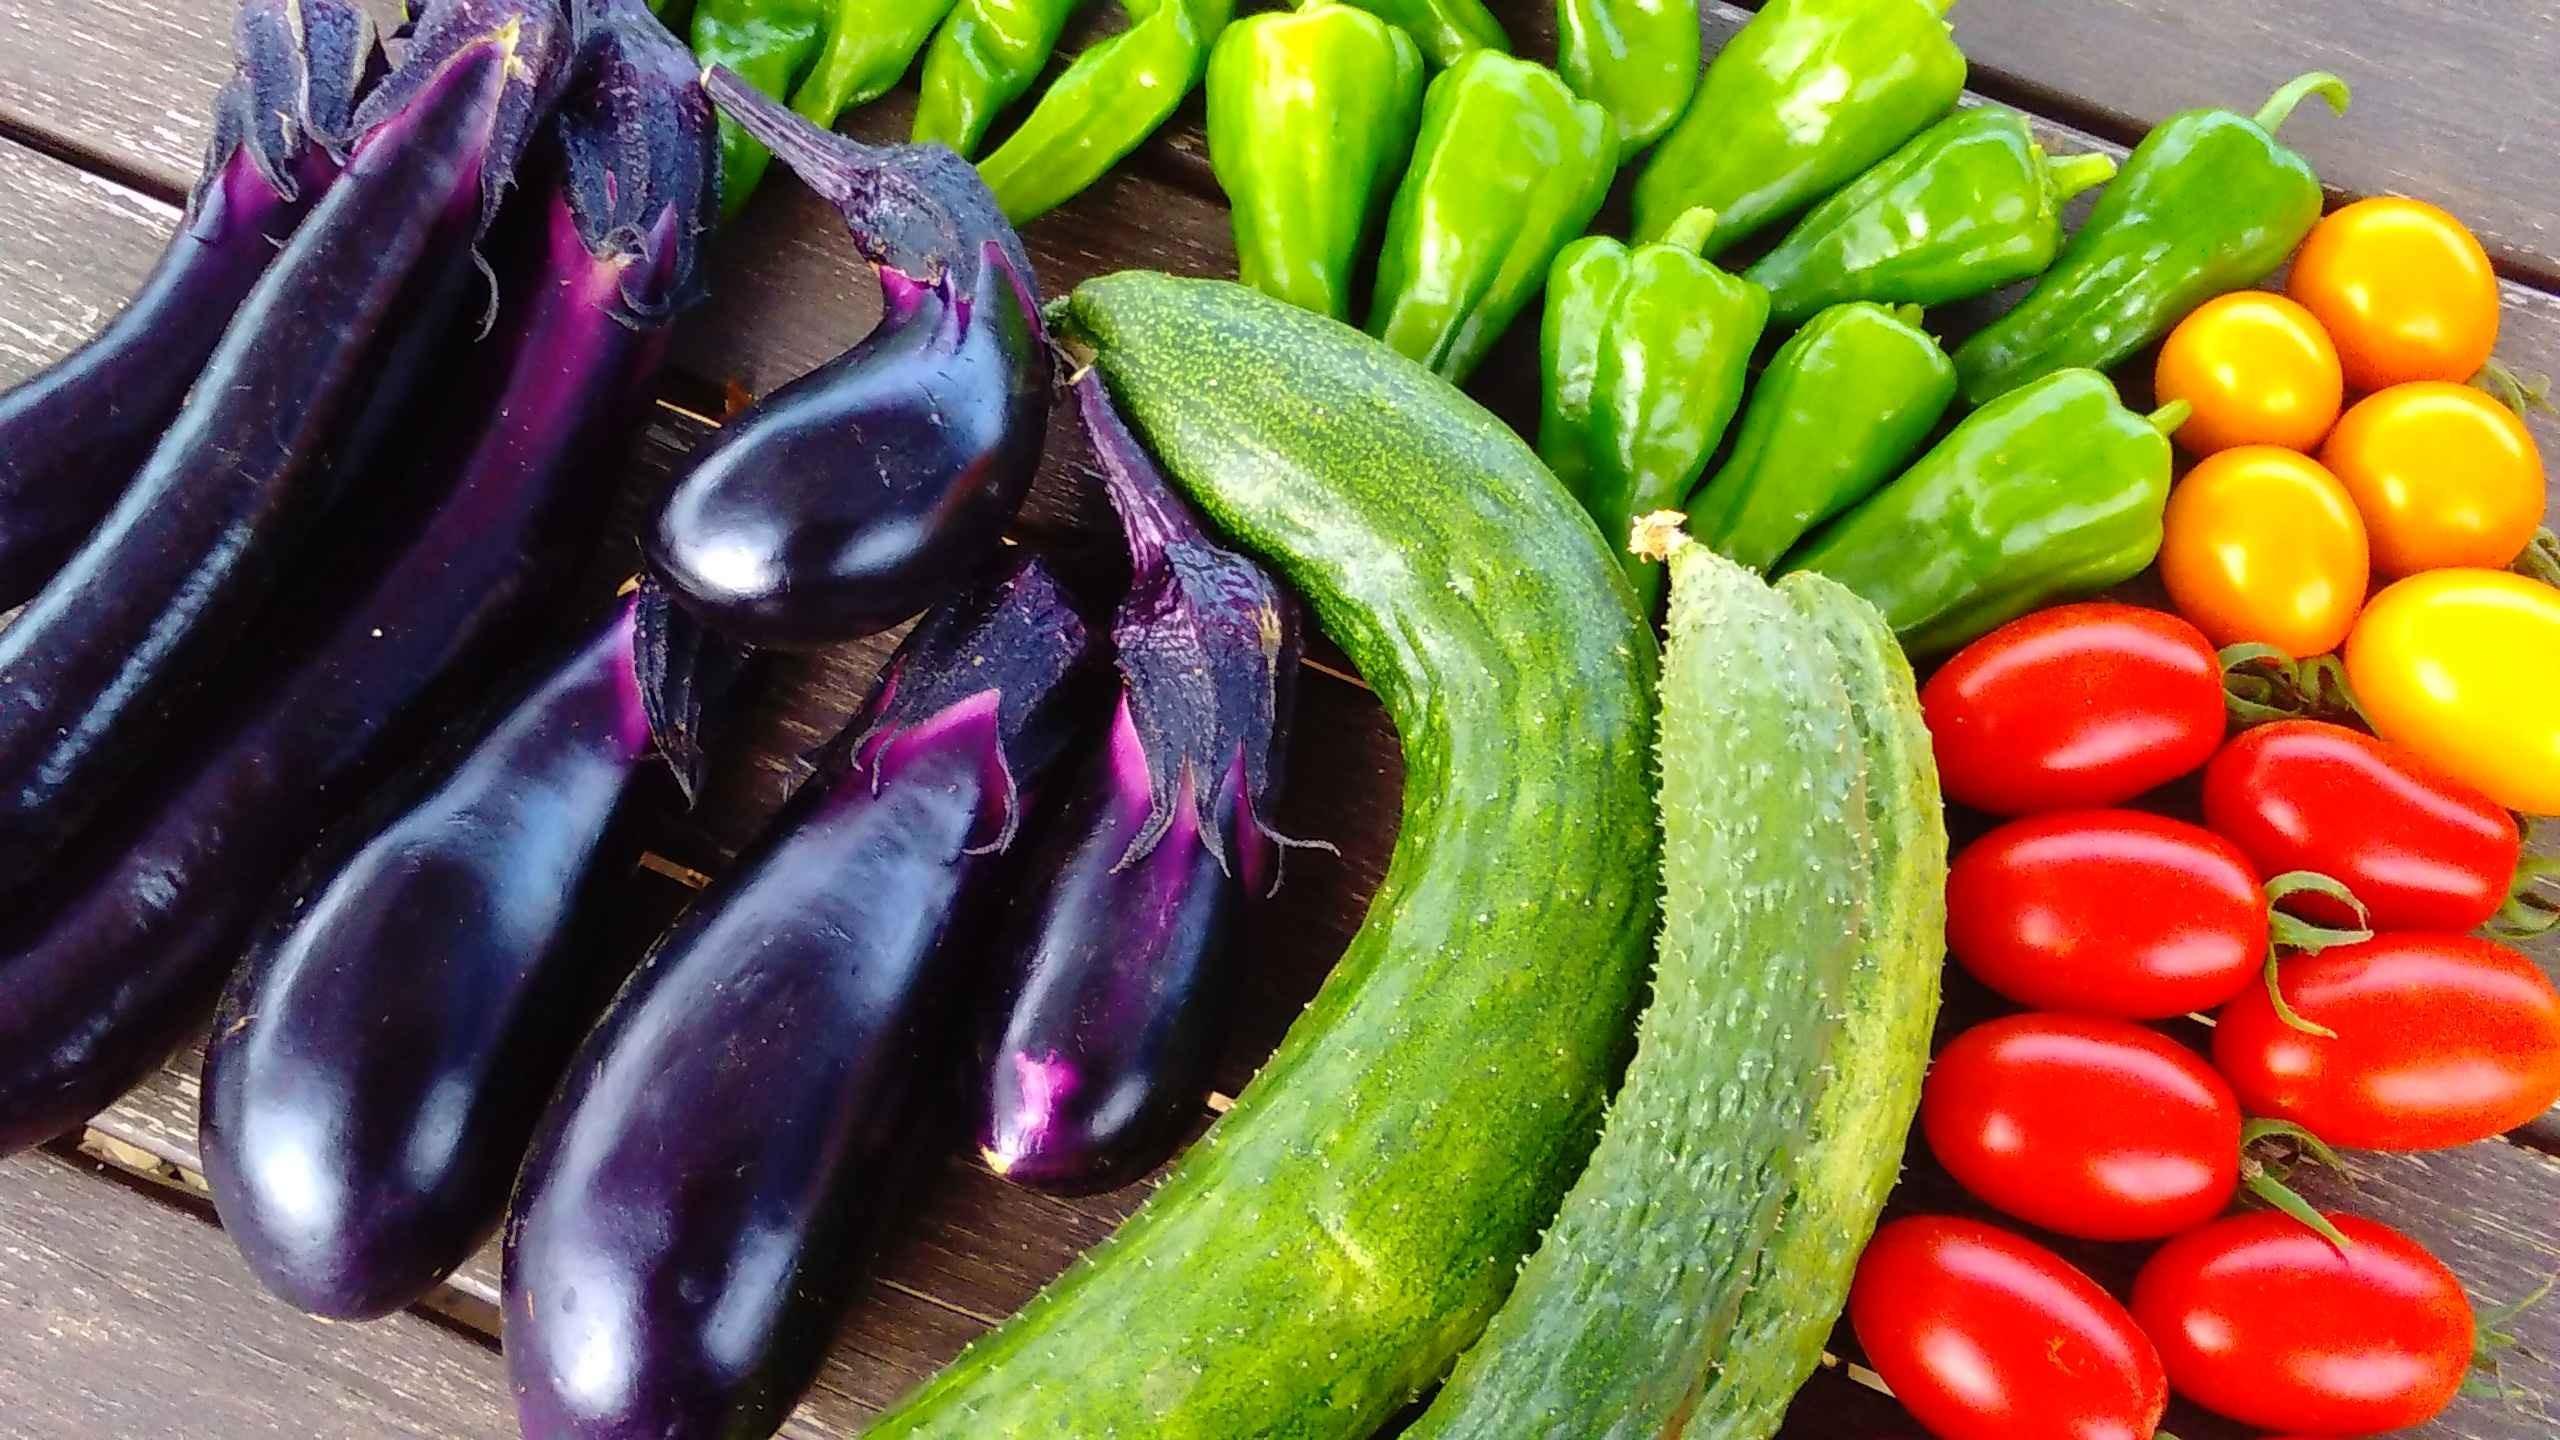 【シェア畑】お野菜作りにご興味のある方大募集‼【新小岩】